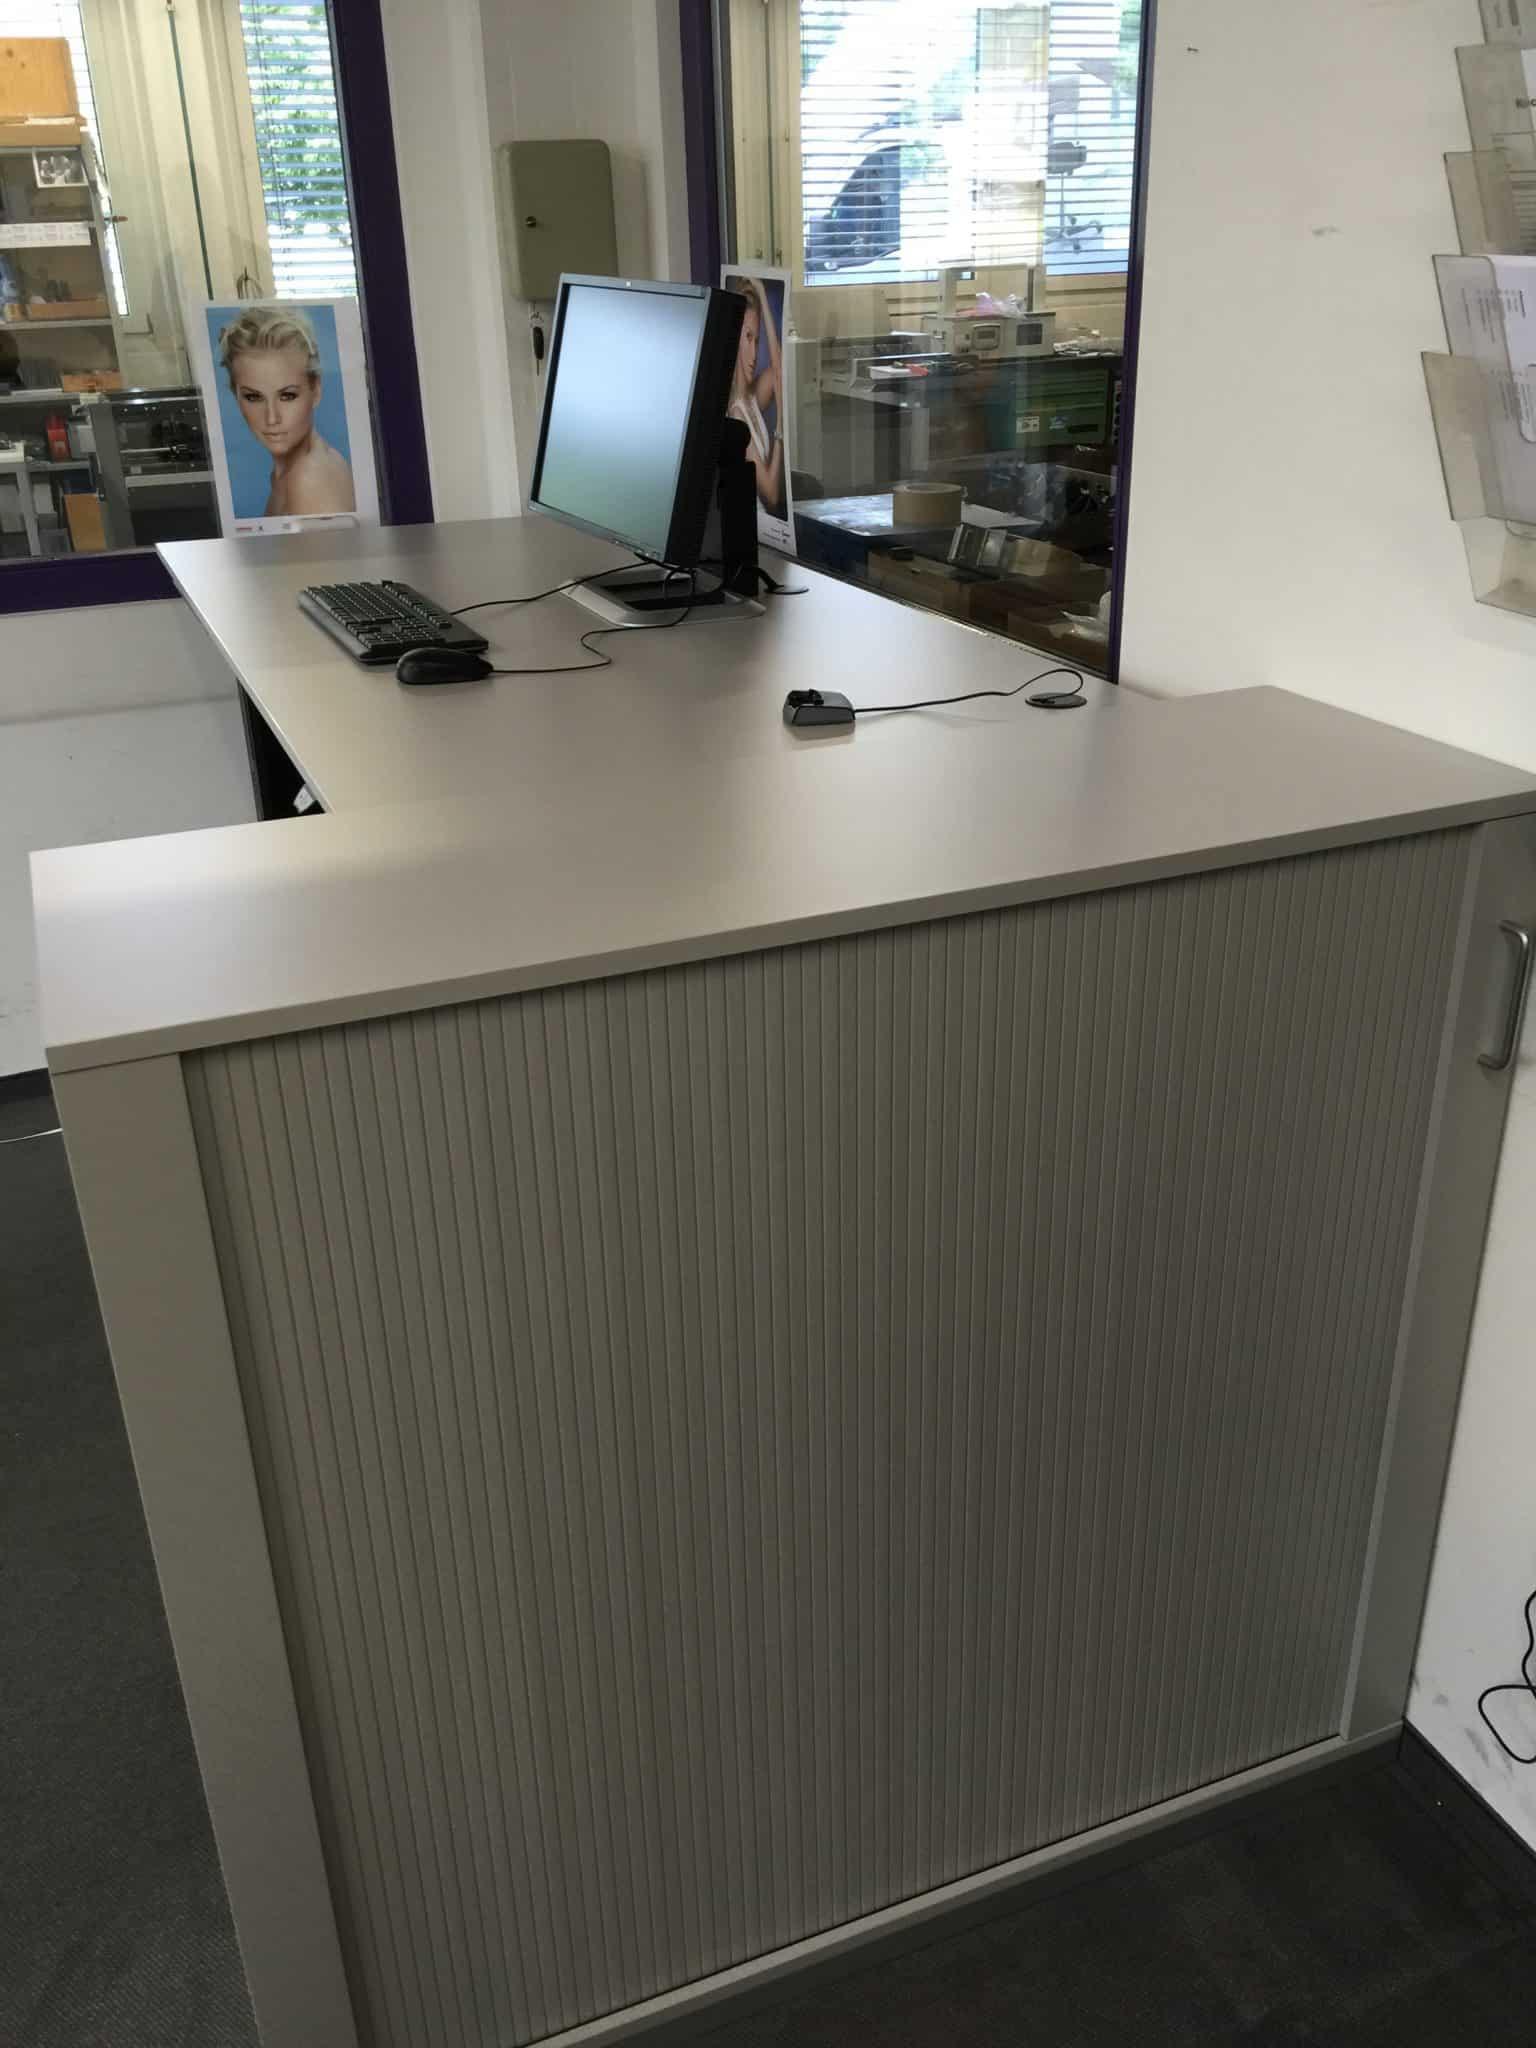 Querrollladenschrank mit Steh-Sitztisch bei Schneider und Co in Muri